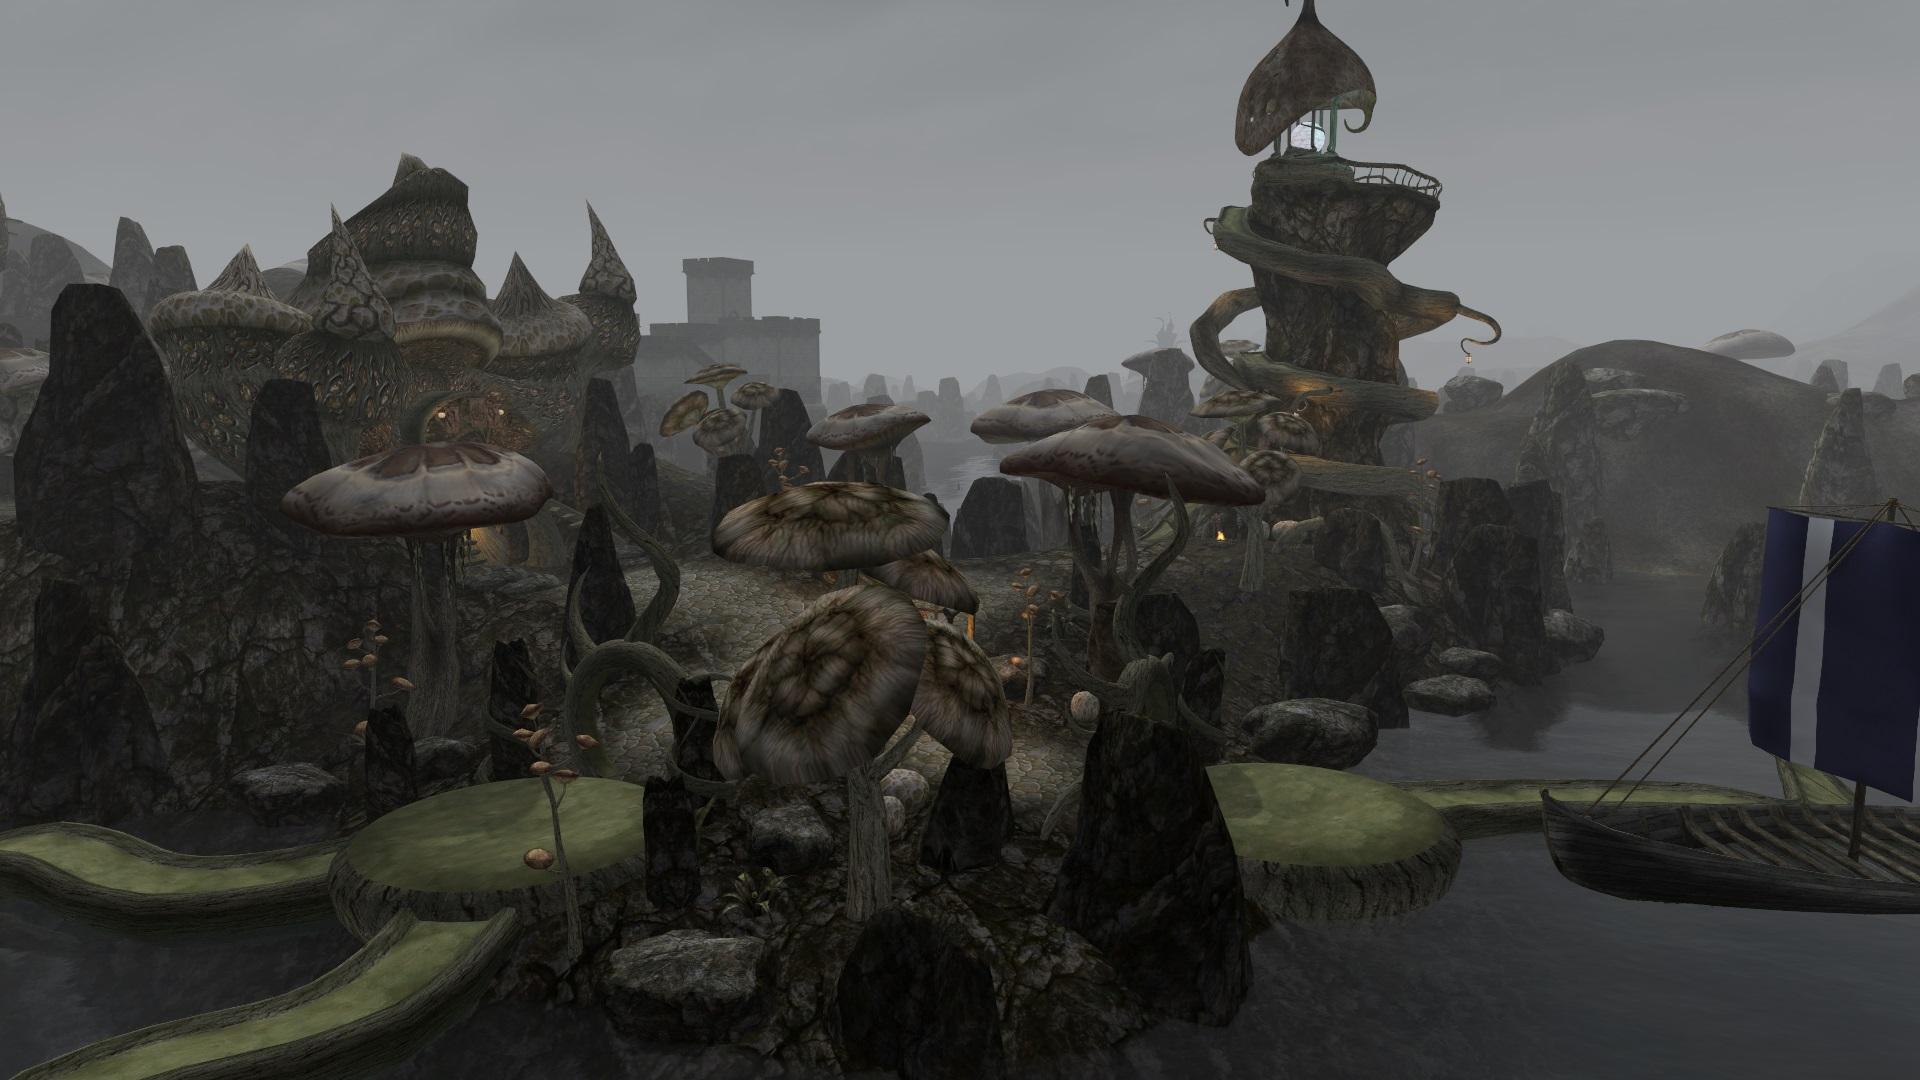 Lighthouse image - Morrowind Rebirth 5 0 mod for Elder